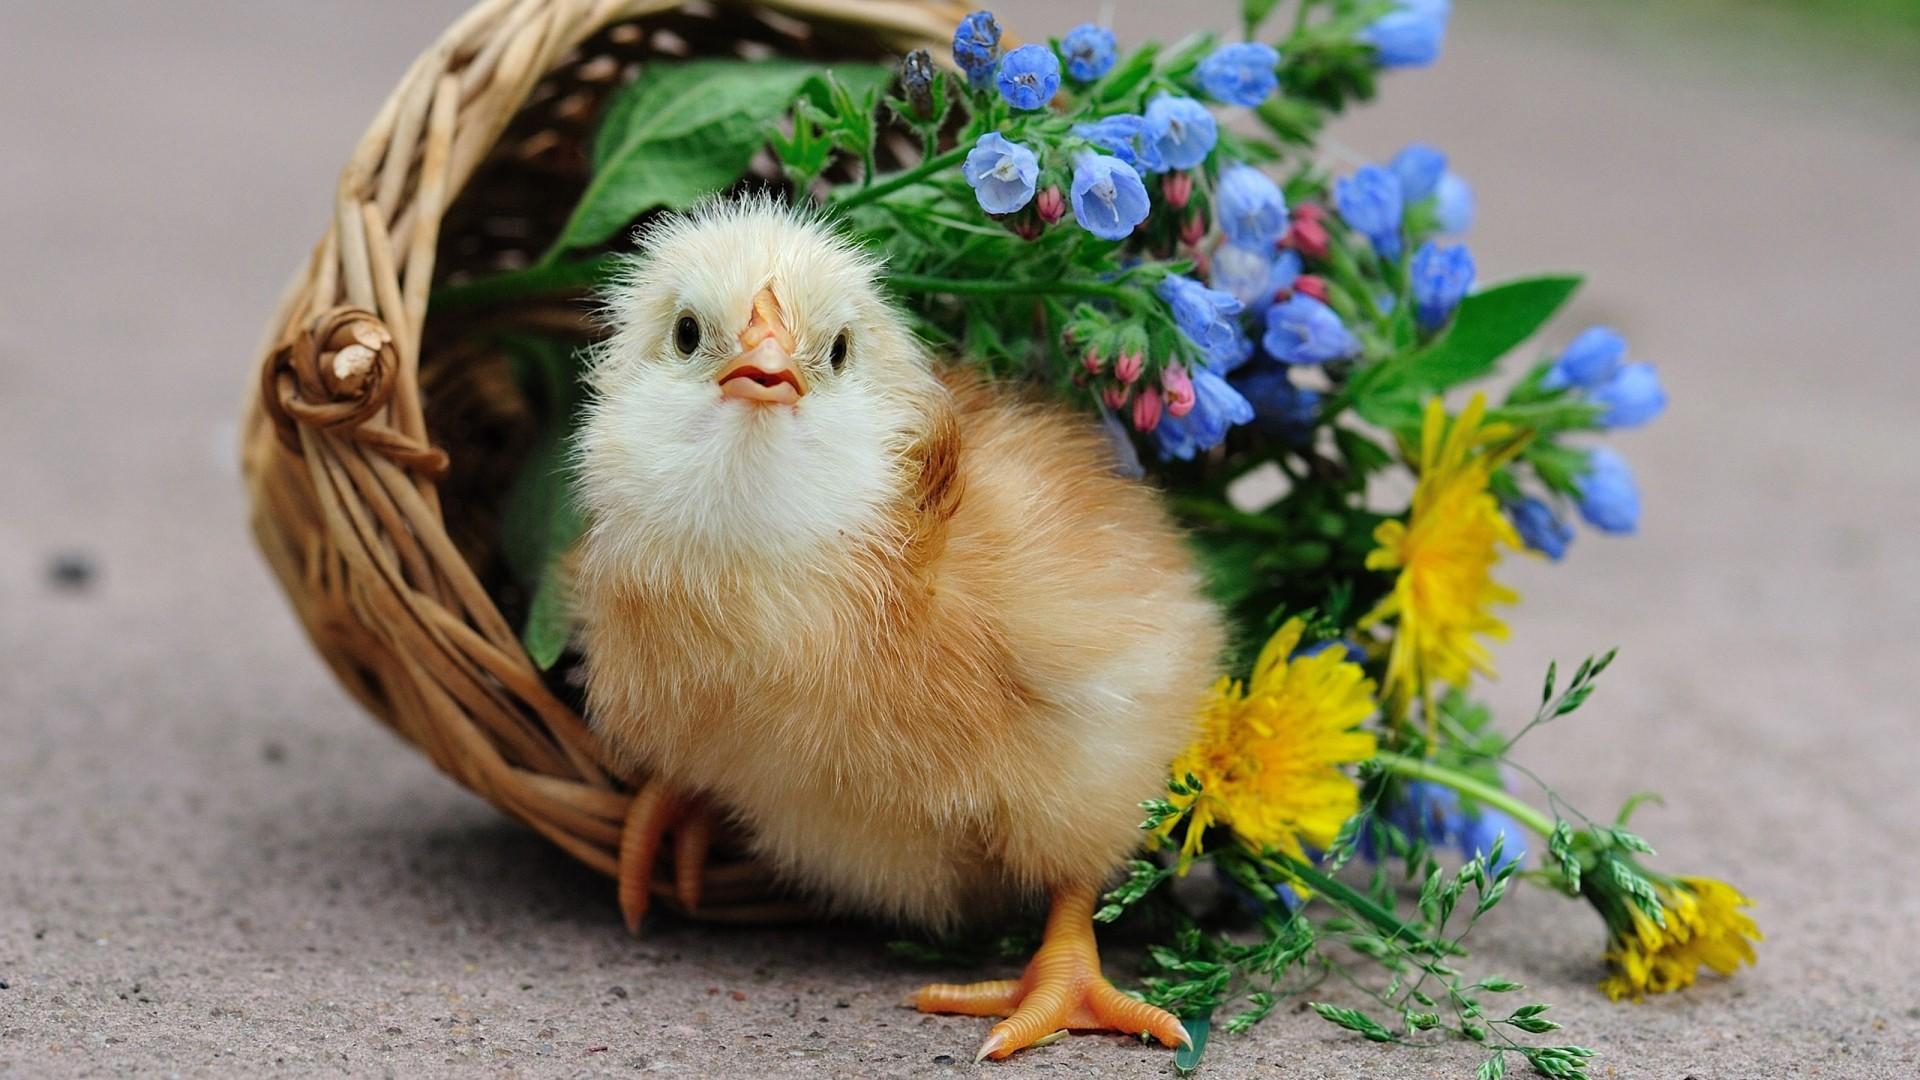 Flowers Birds Wallpaper 1920x1080 Flowers Birds Baskets Chicks 1920x1080